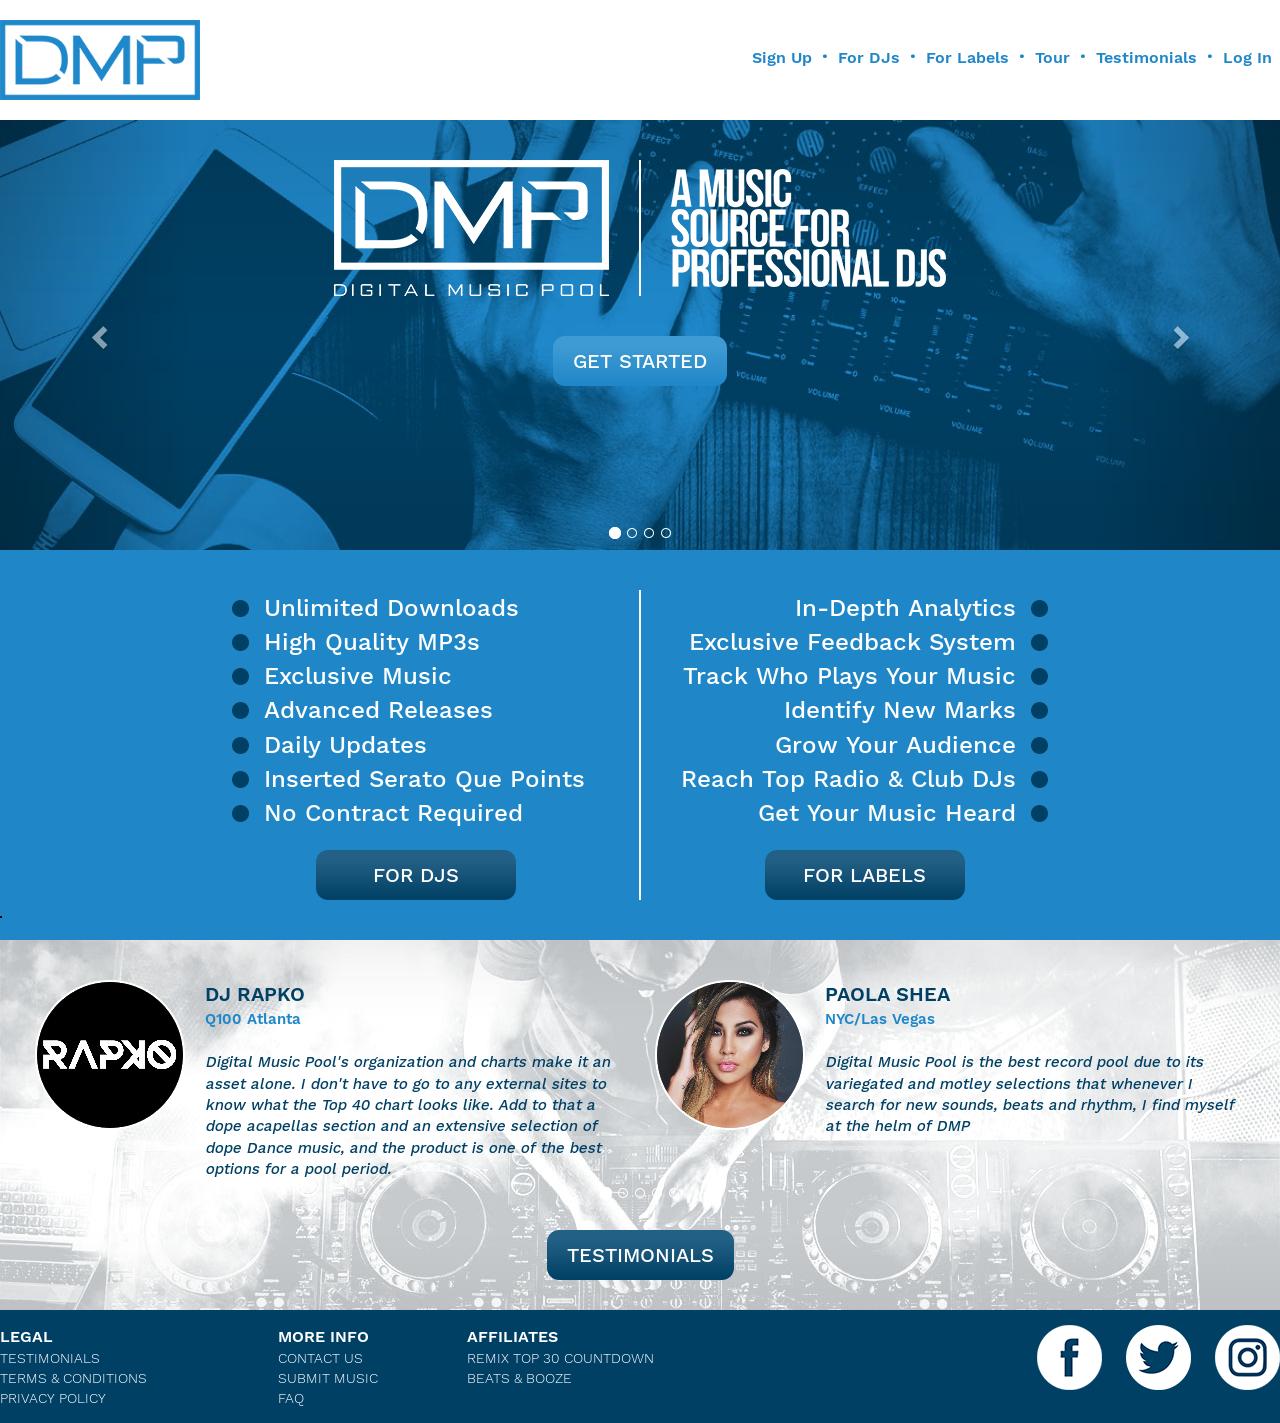 Dmp Digital Music Pool - Digital Wallpaper HD Magellan